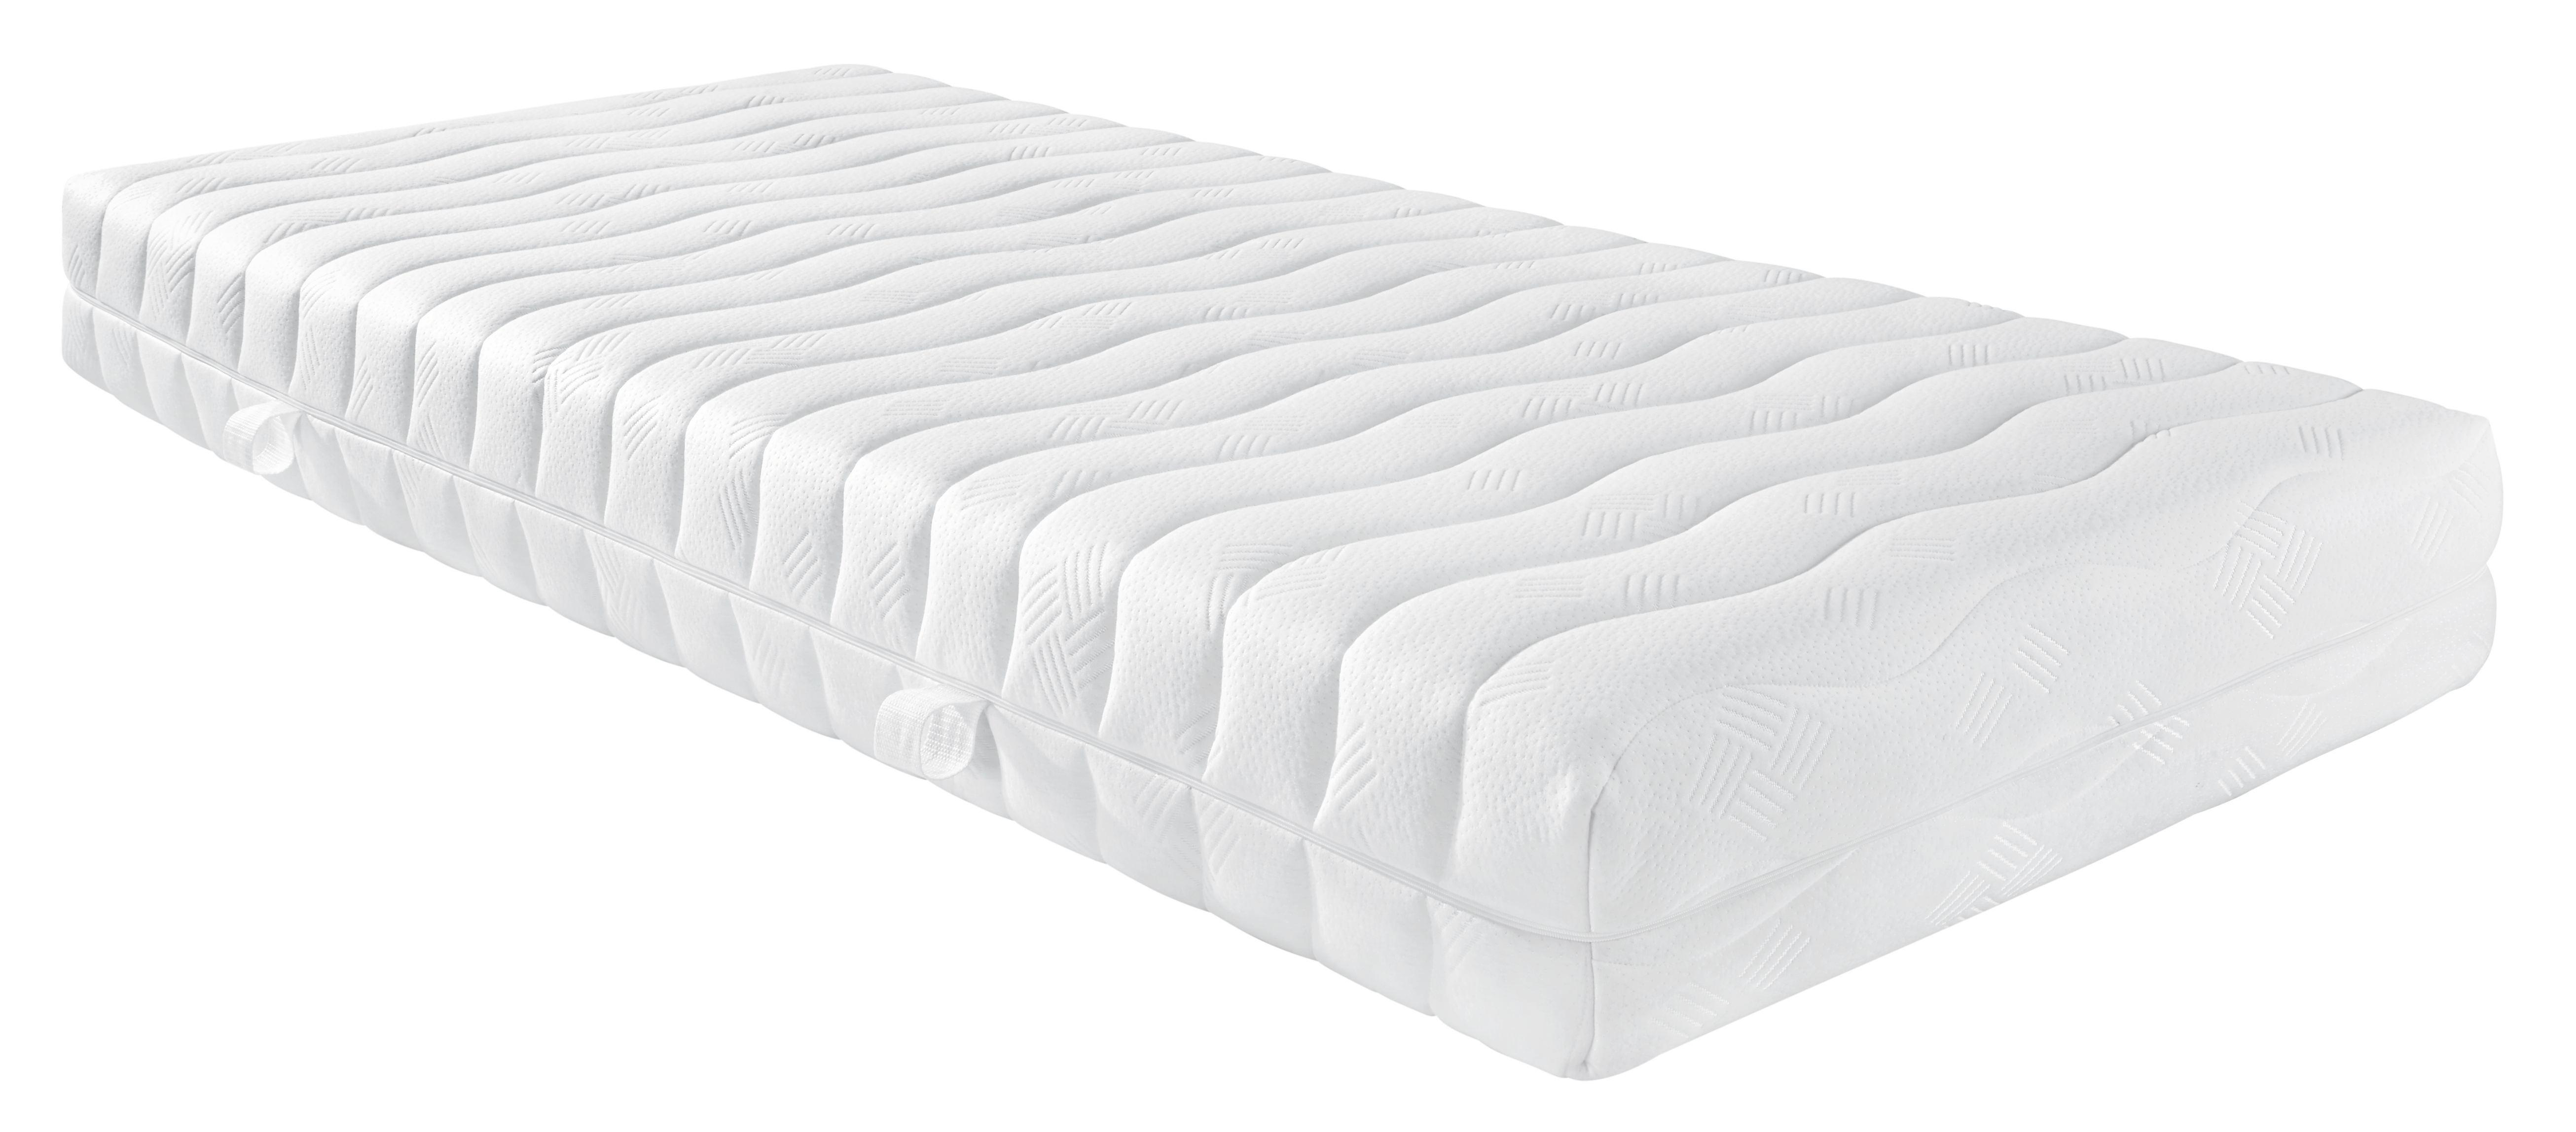 Komfortschaummatratze Komfortschaumkern ca.140x200cm - Weiß, Textil (200/140/22cm) - NADANA